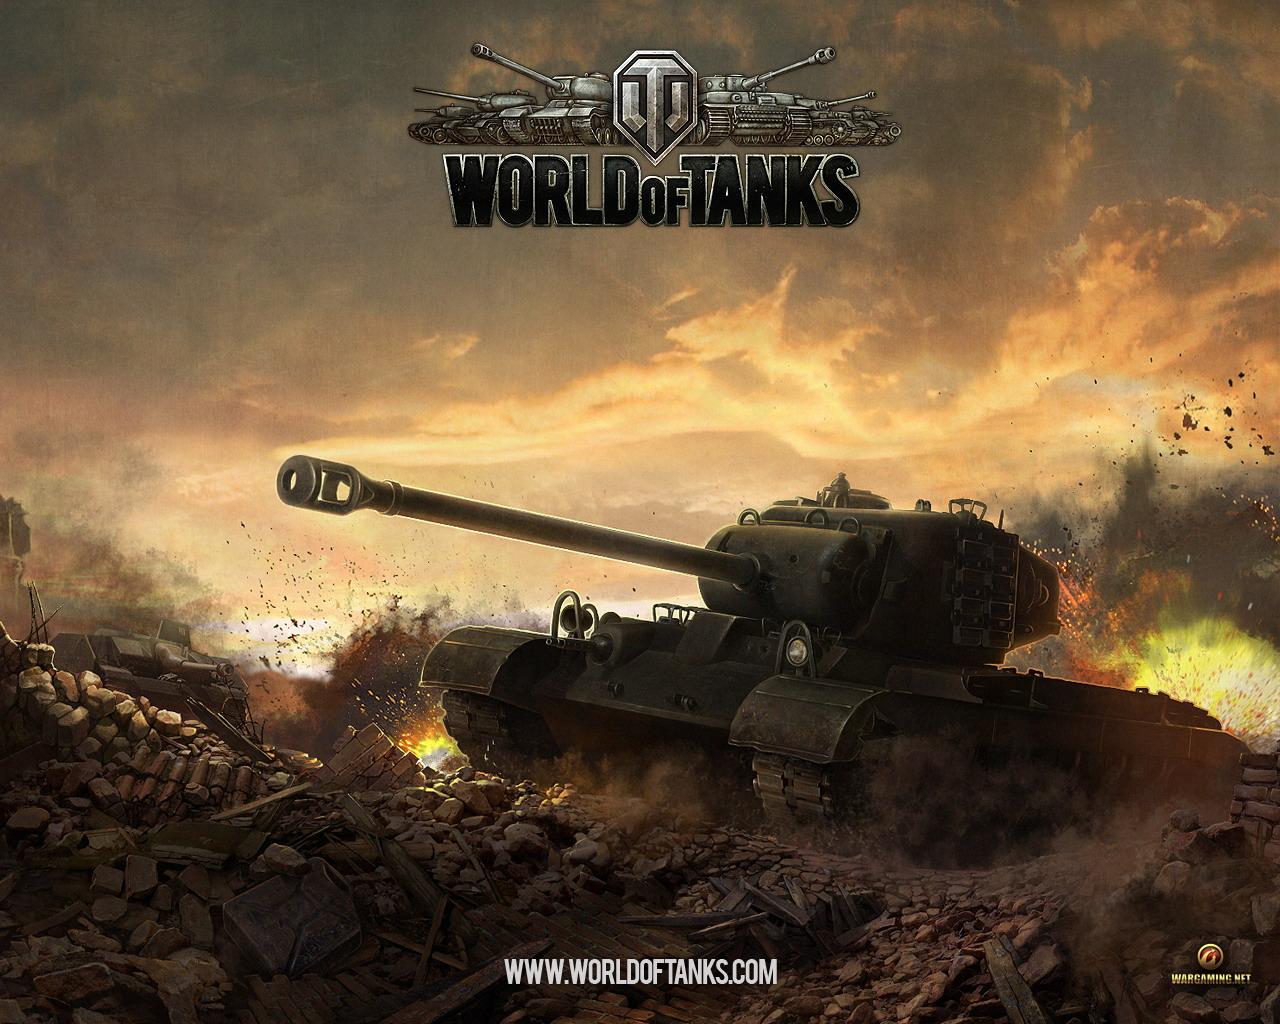 World of Tanks - Wallpaper